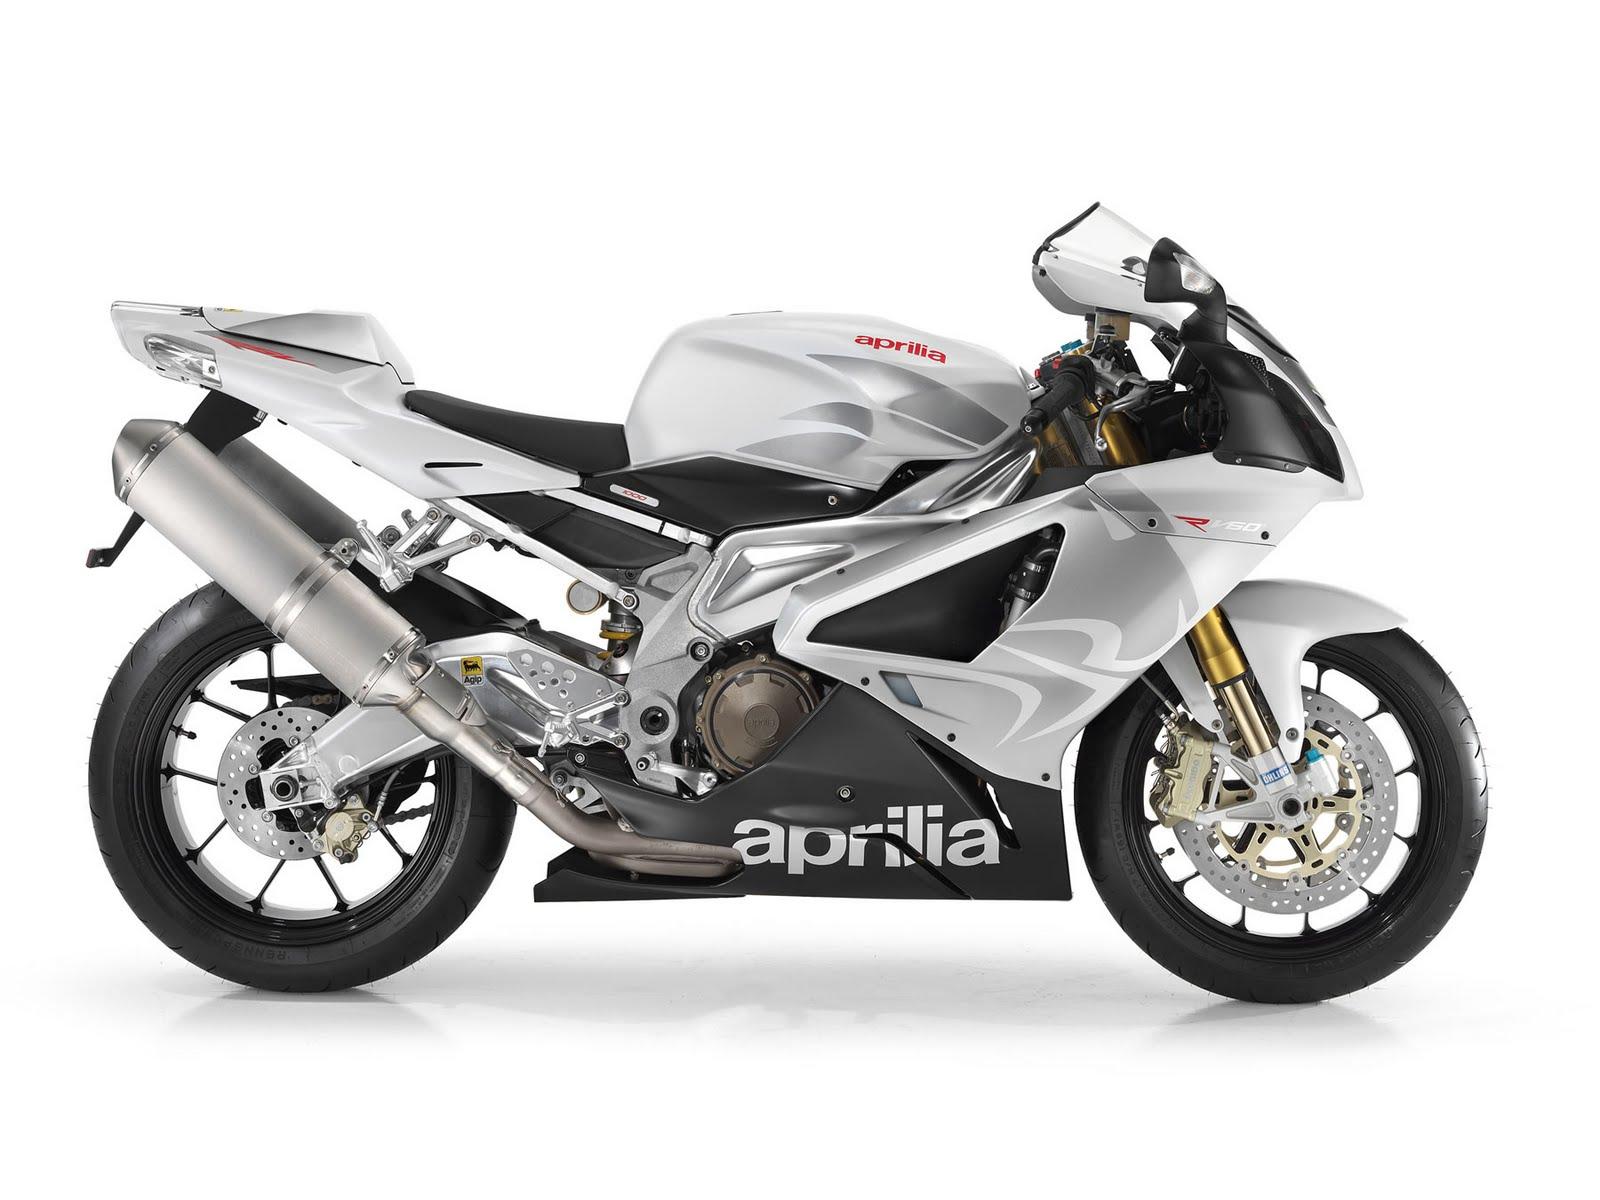 motorcycles aprilia rsv 1000 mille. Black Bedroom Furniture Sets. Home Design Ideas